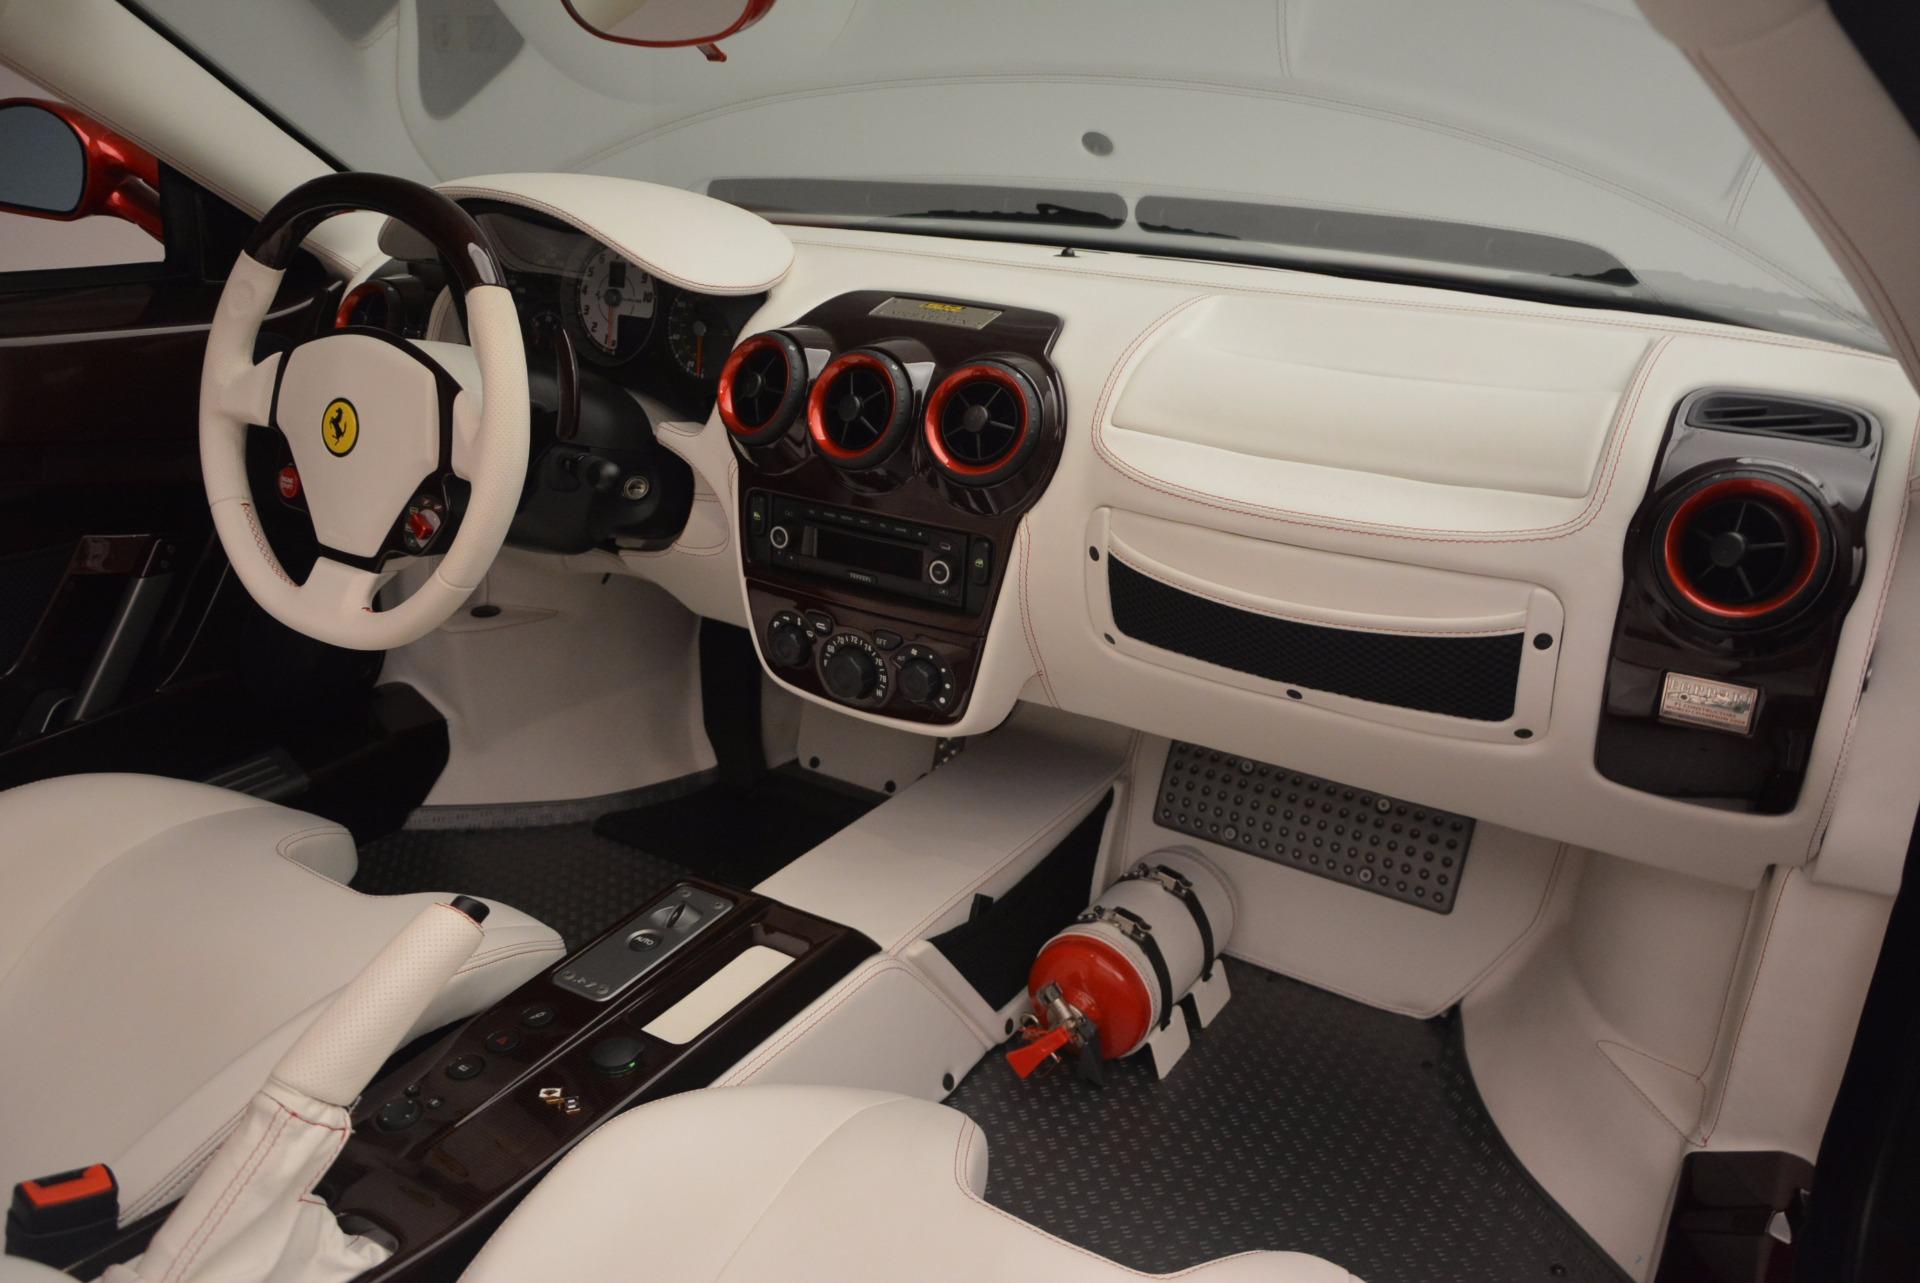 Used 2009 Ferrari F430 Scuderia 16M For Sale In Greenwich, CT 1398_p29